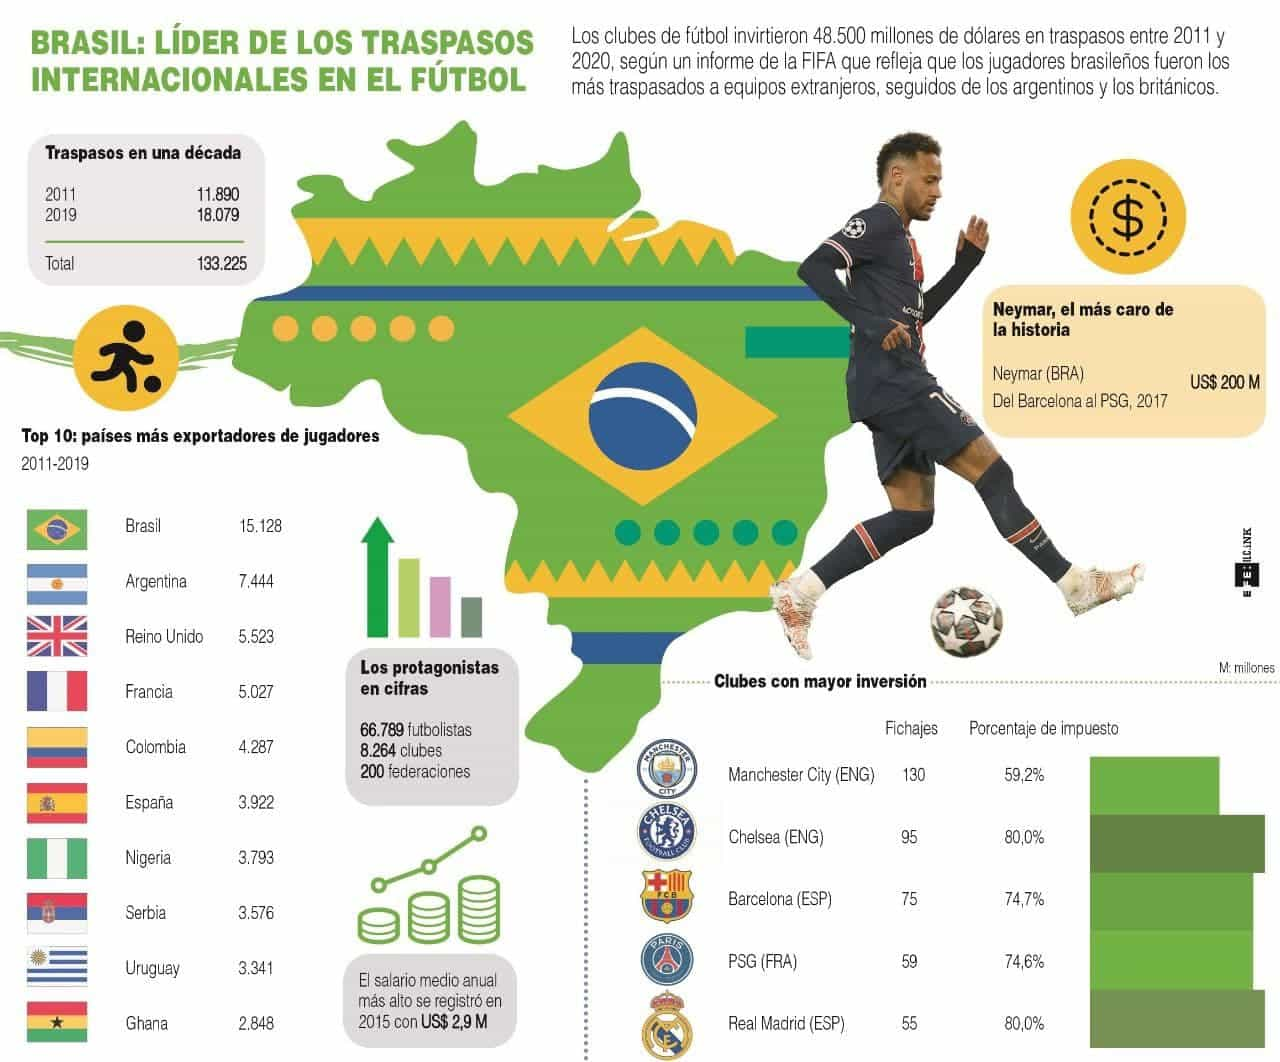 [Infografía] Brasil lidera número de traspasos internacionales en la última década 1